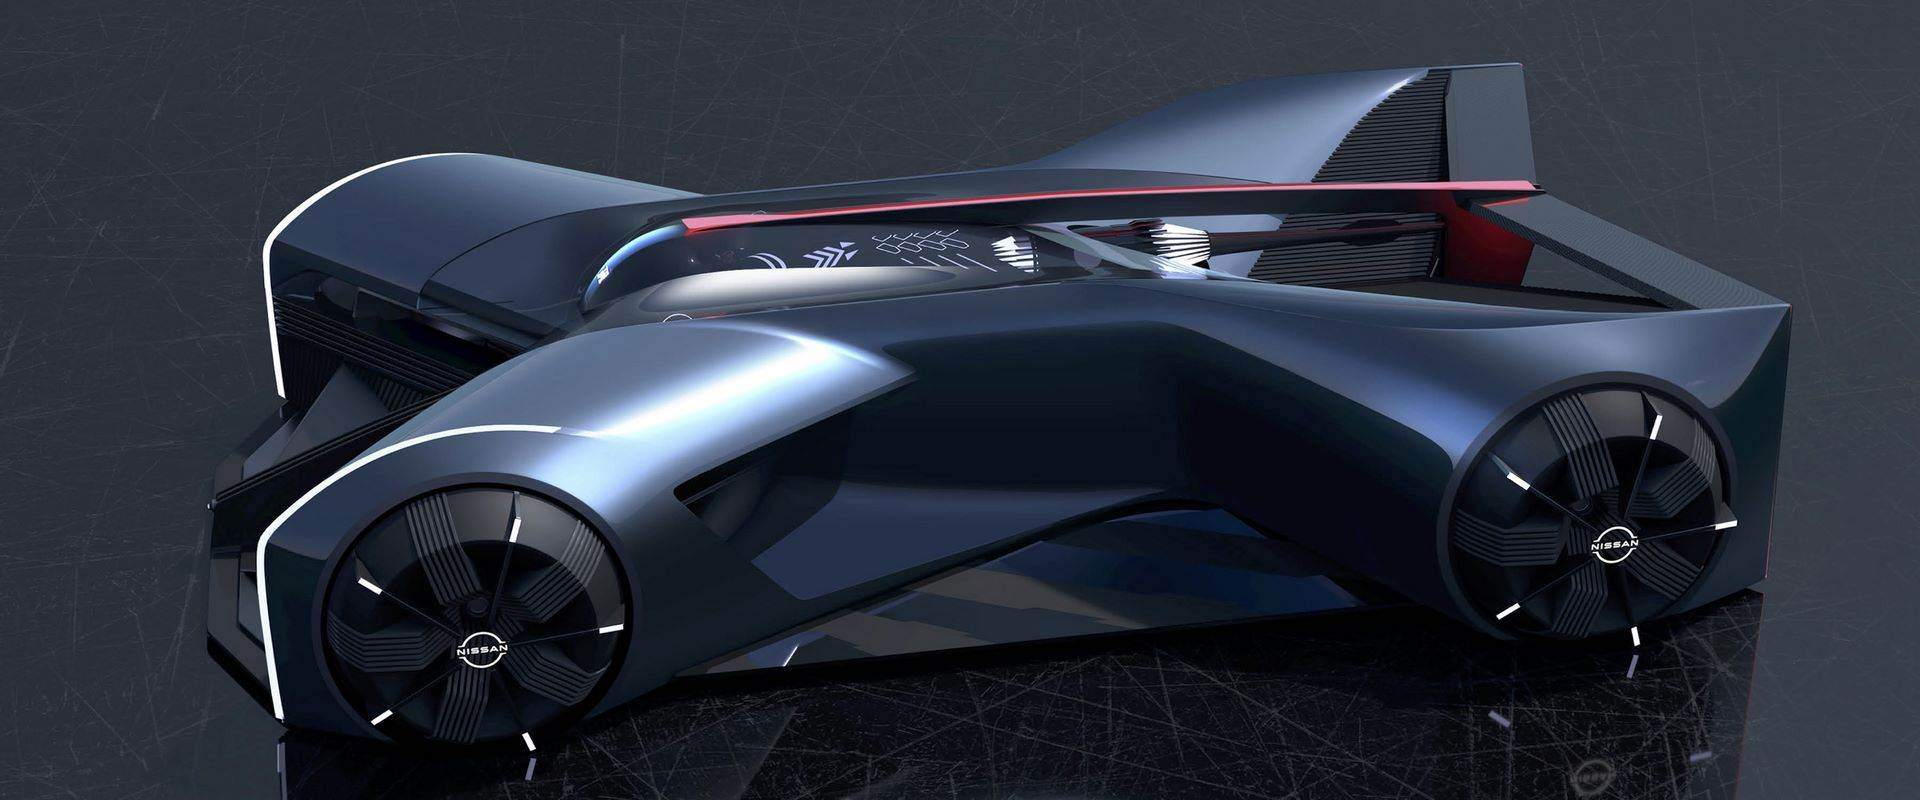 Nissan-GT-R-X-2050-Concept-26